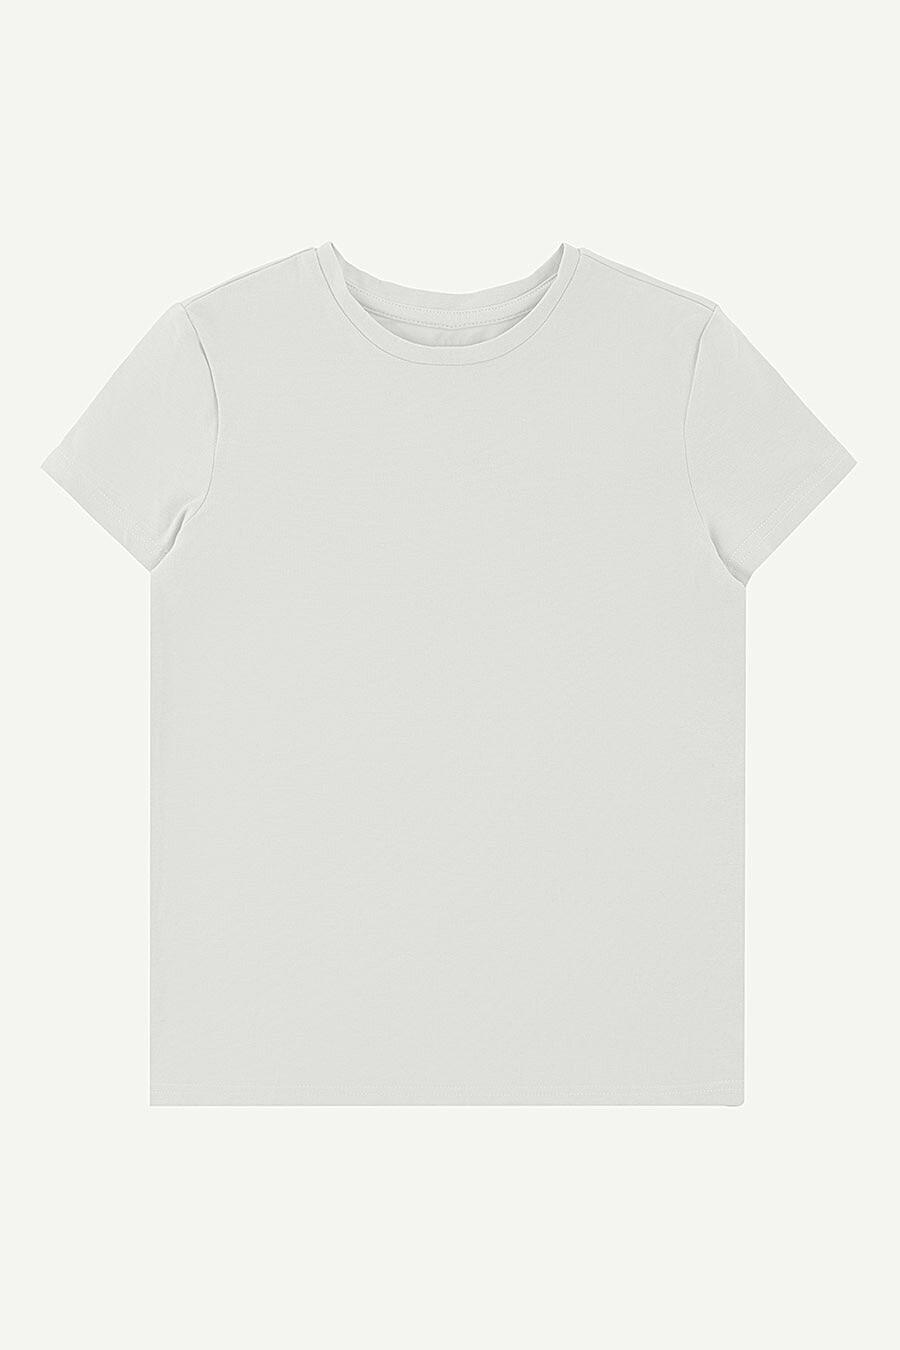 Футболка для девочек IN FUNT 219019 купить оптом от производителя. Совместная покупка детской одежды в OptMoyo